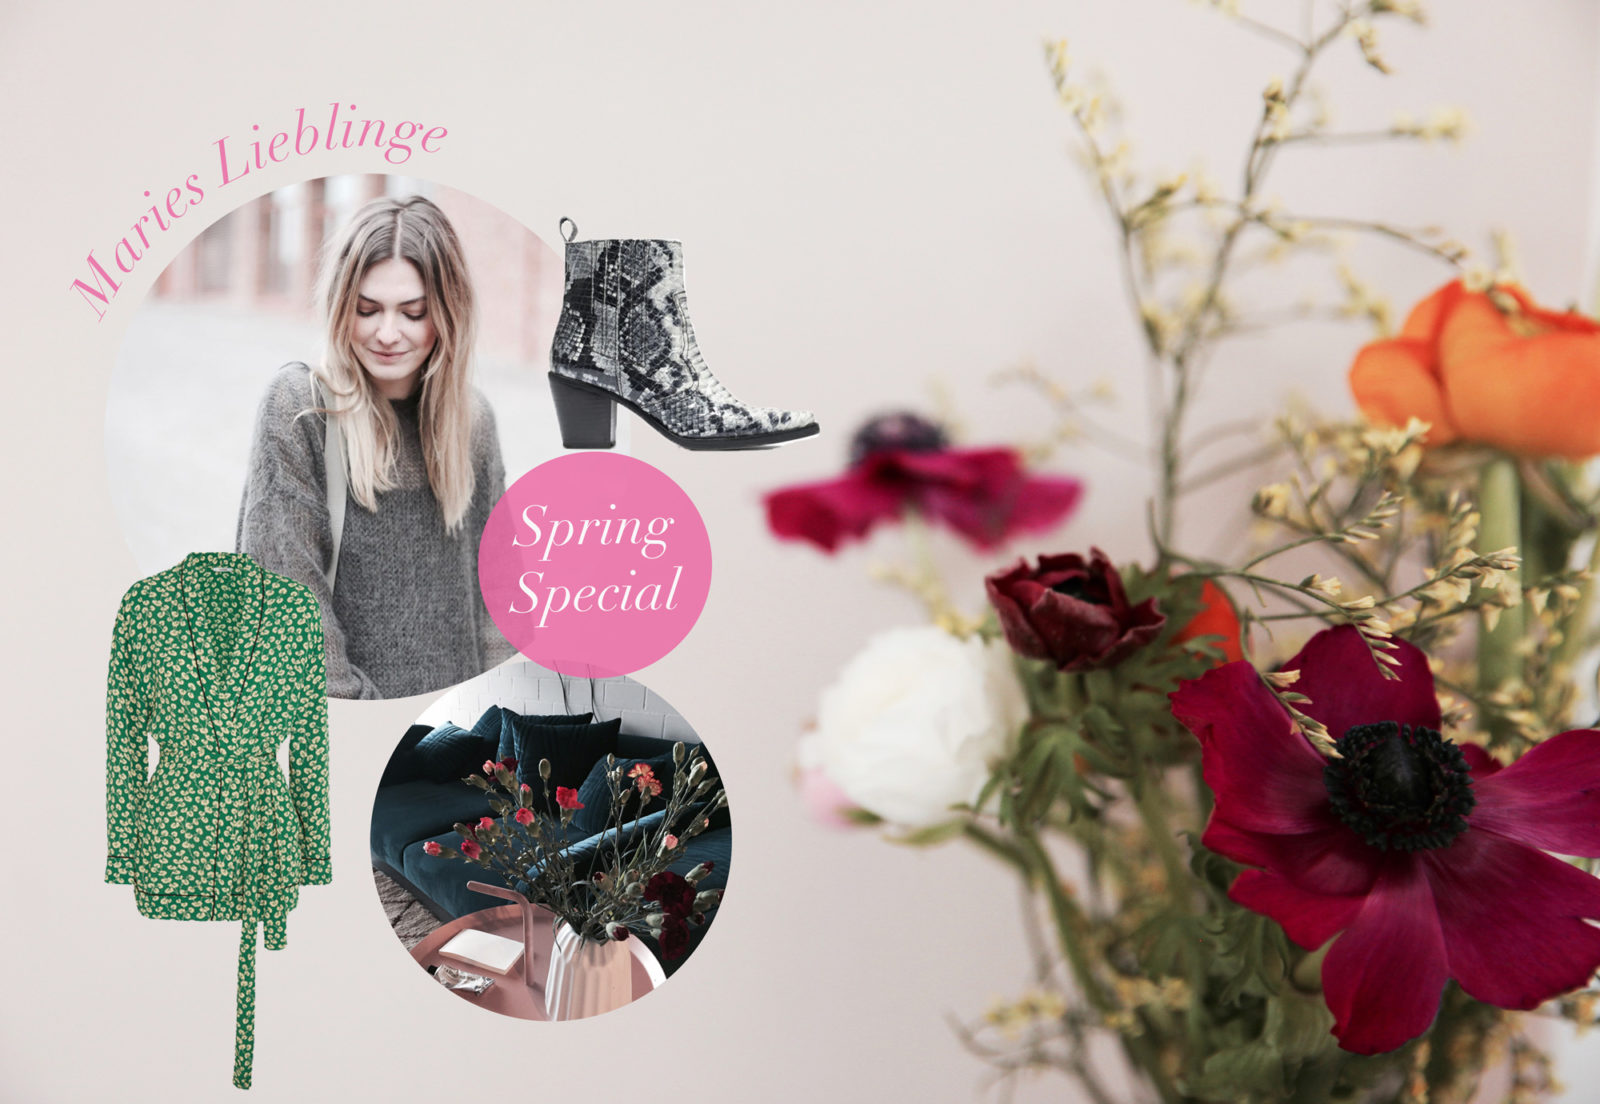 4a6213e1d3dd Eigentlich bin ich so gar kein Frühjahr Sommermädchen – ich hasse  Schwitzen, ich mag keine leicht bekleideten Outfits, ich liebe Jeans und  noch mehr ...